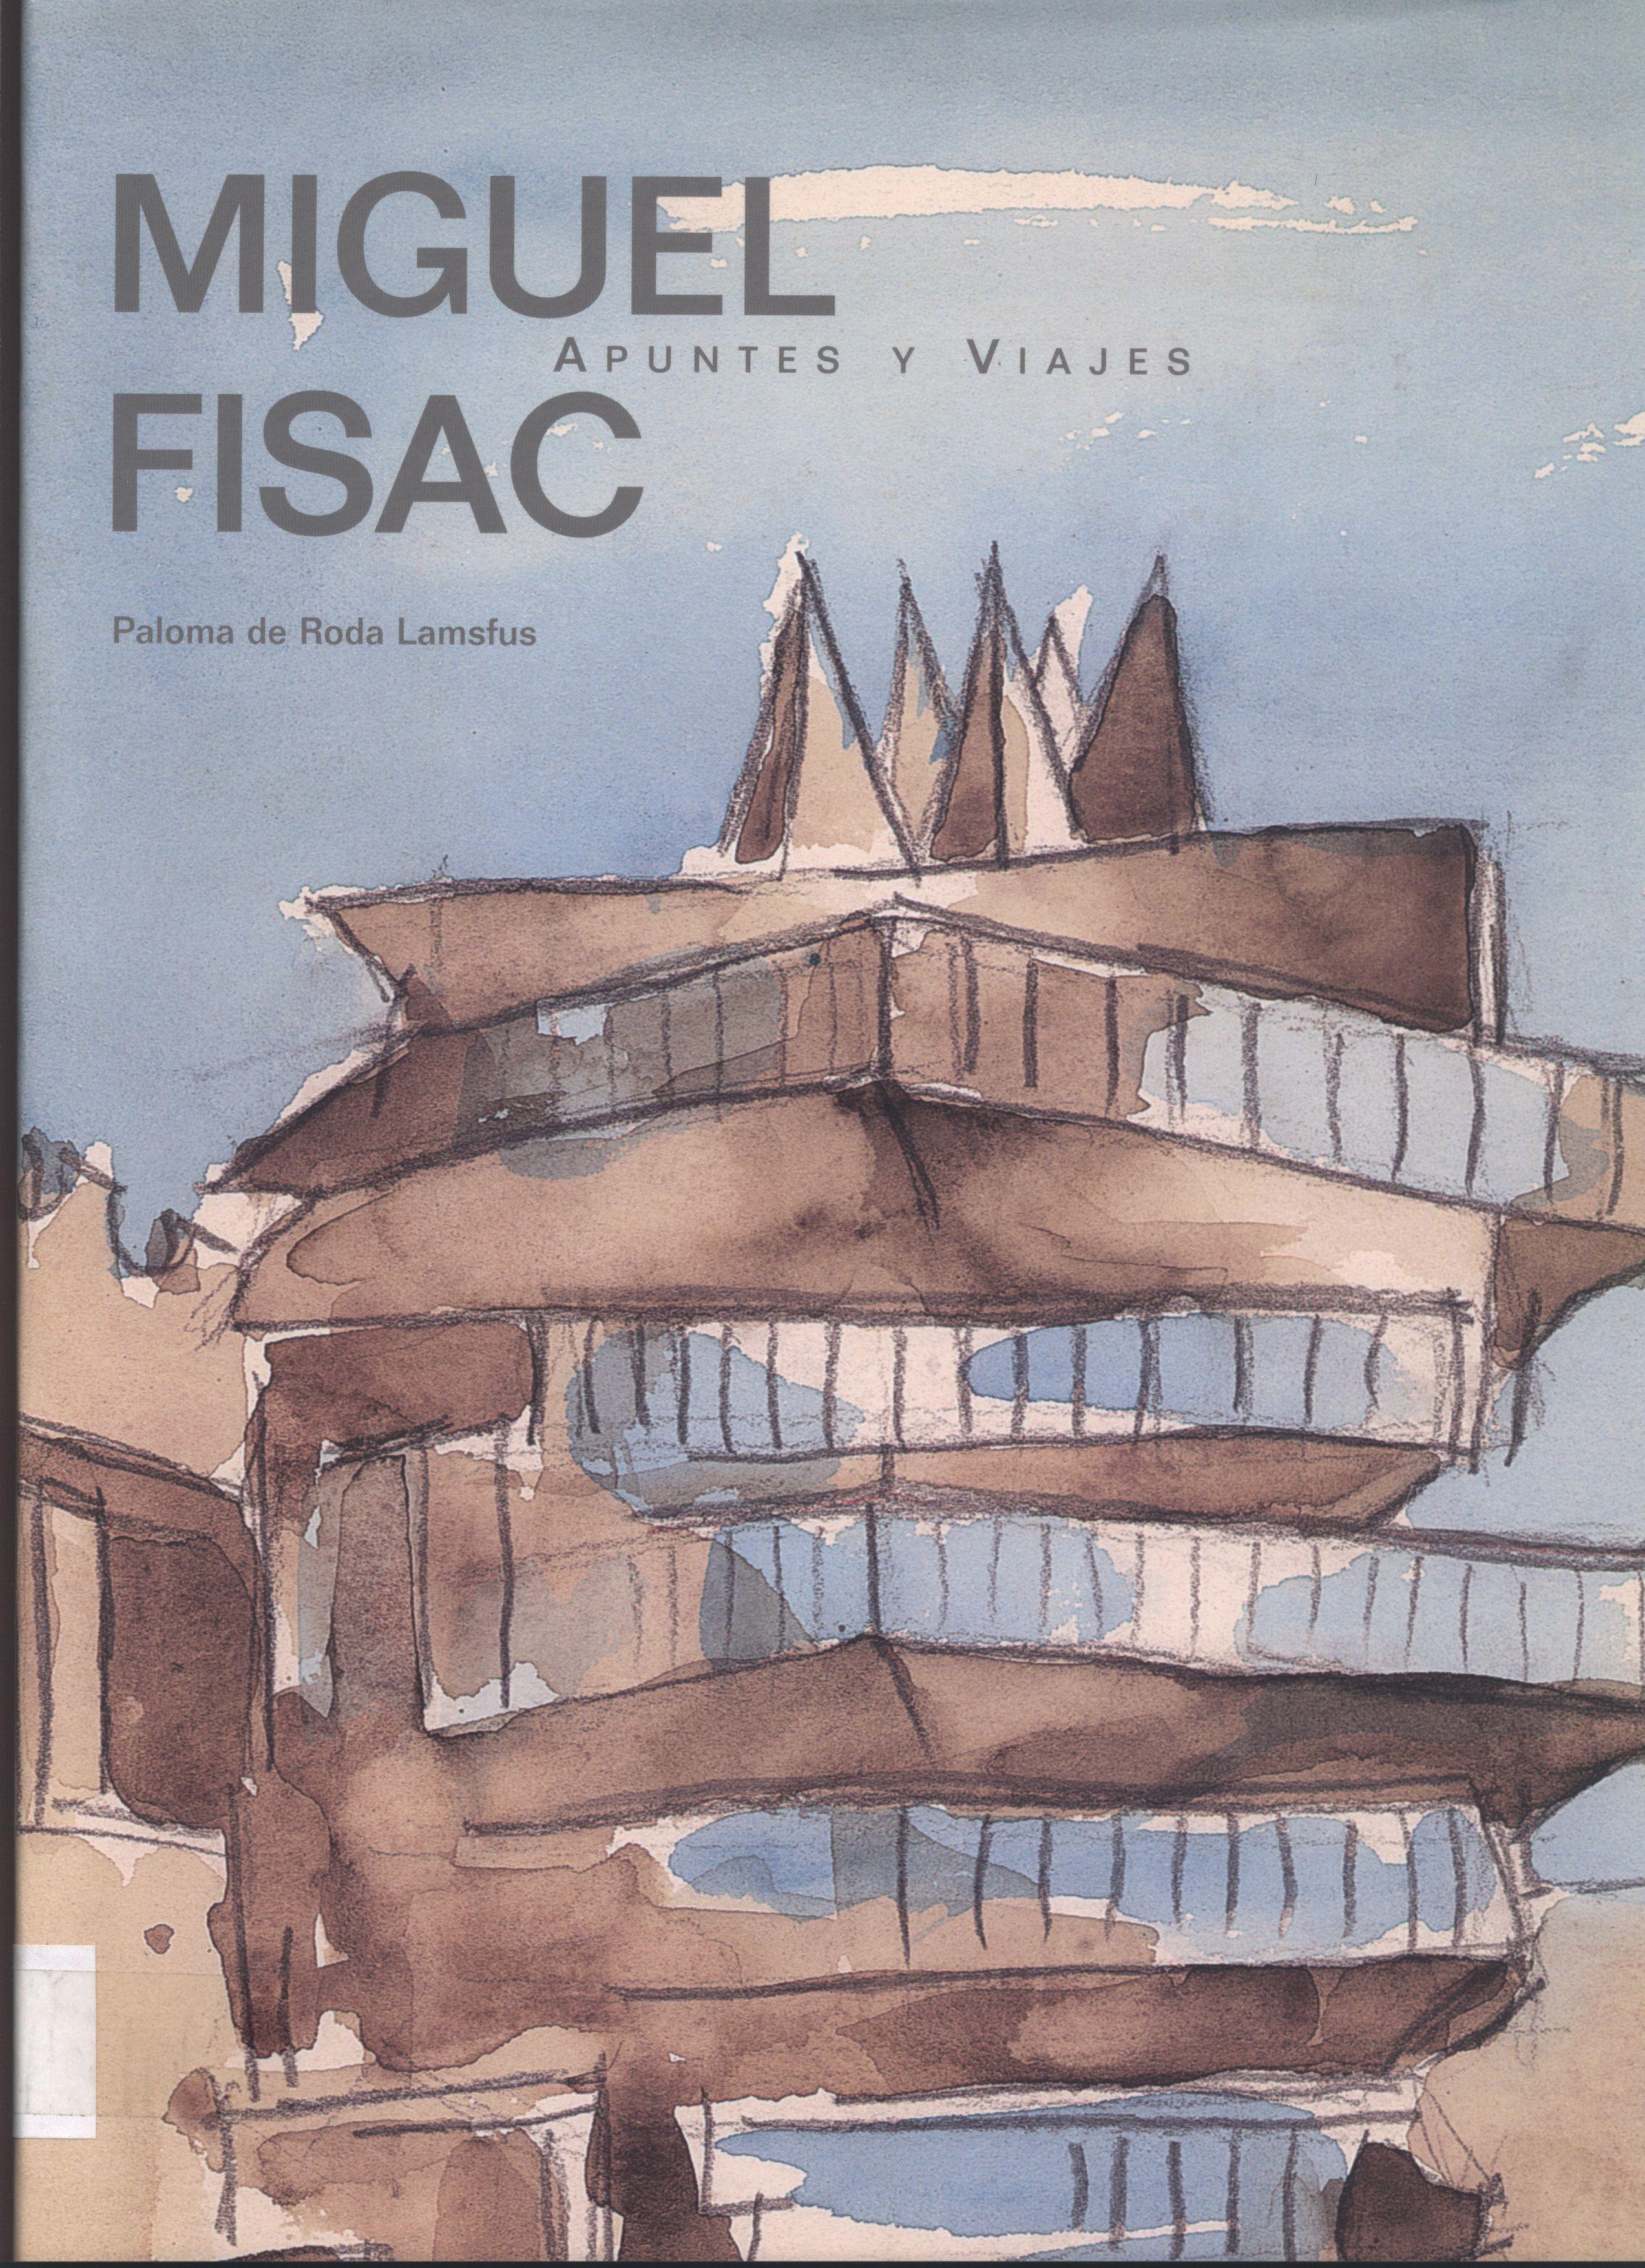 Exposición del Instituto Eduardo Torroja a través de su Biblioteca Abril 2014